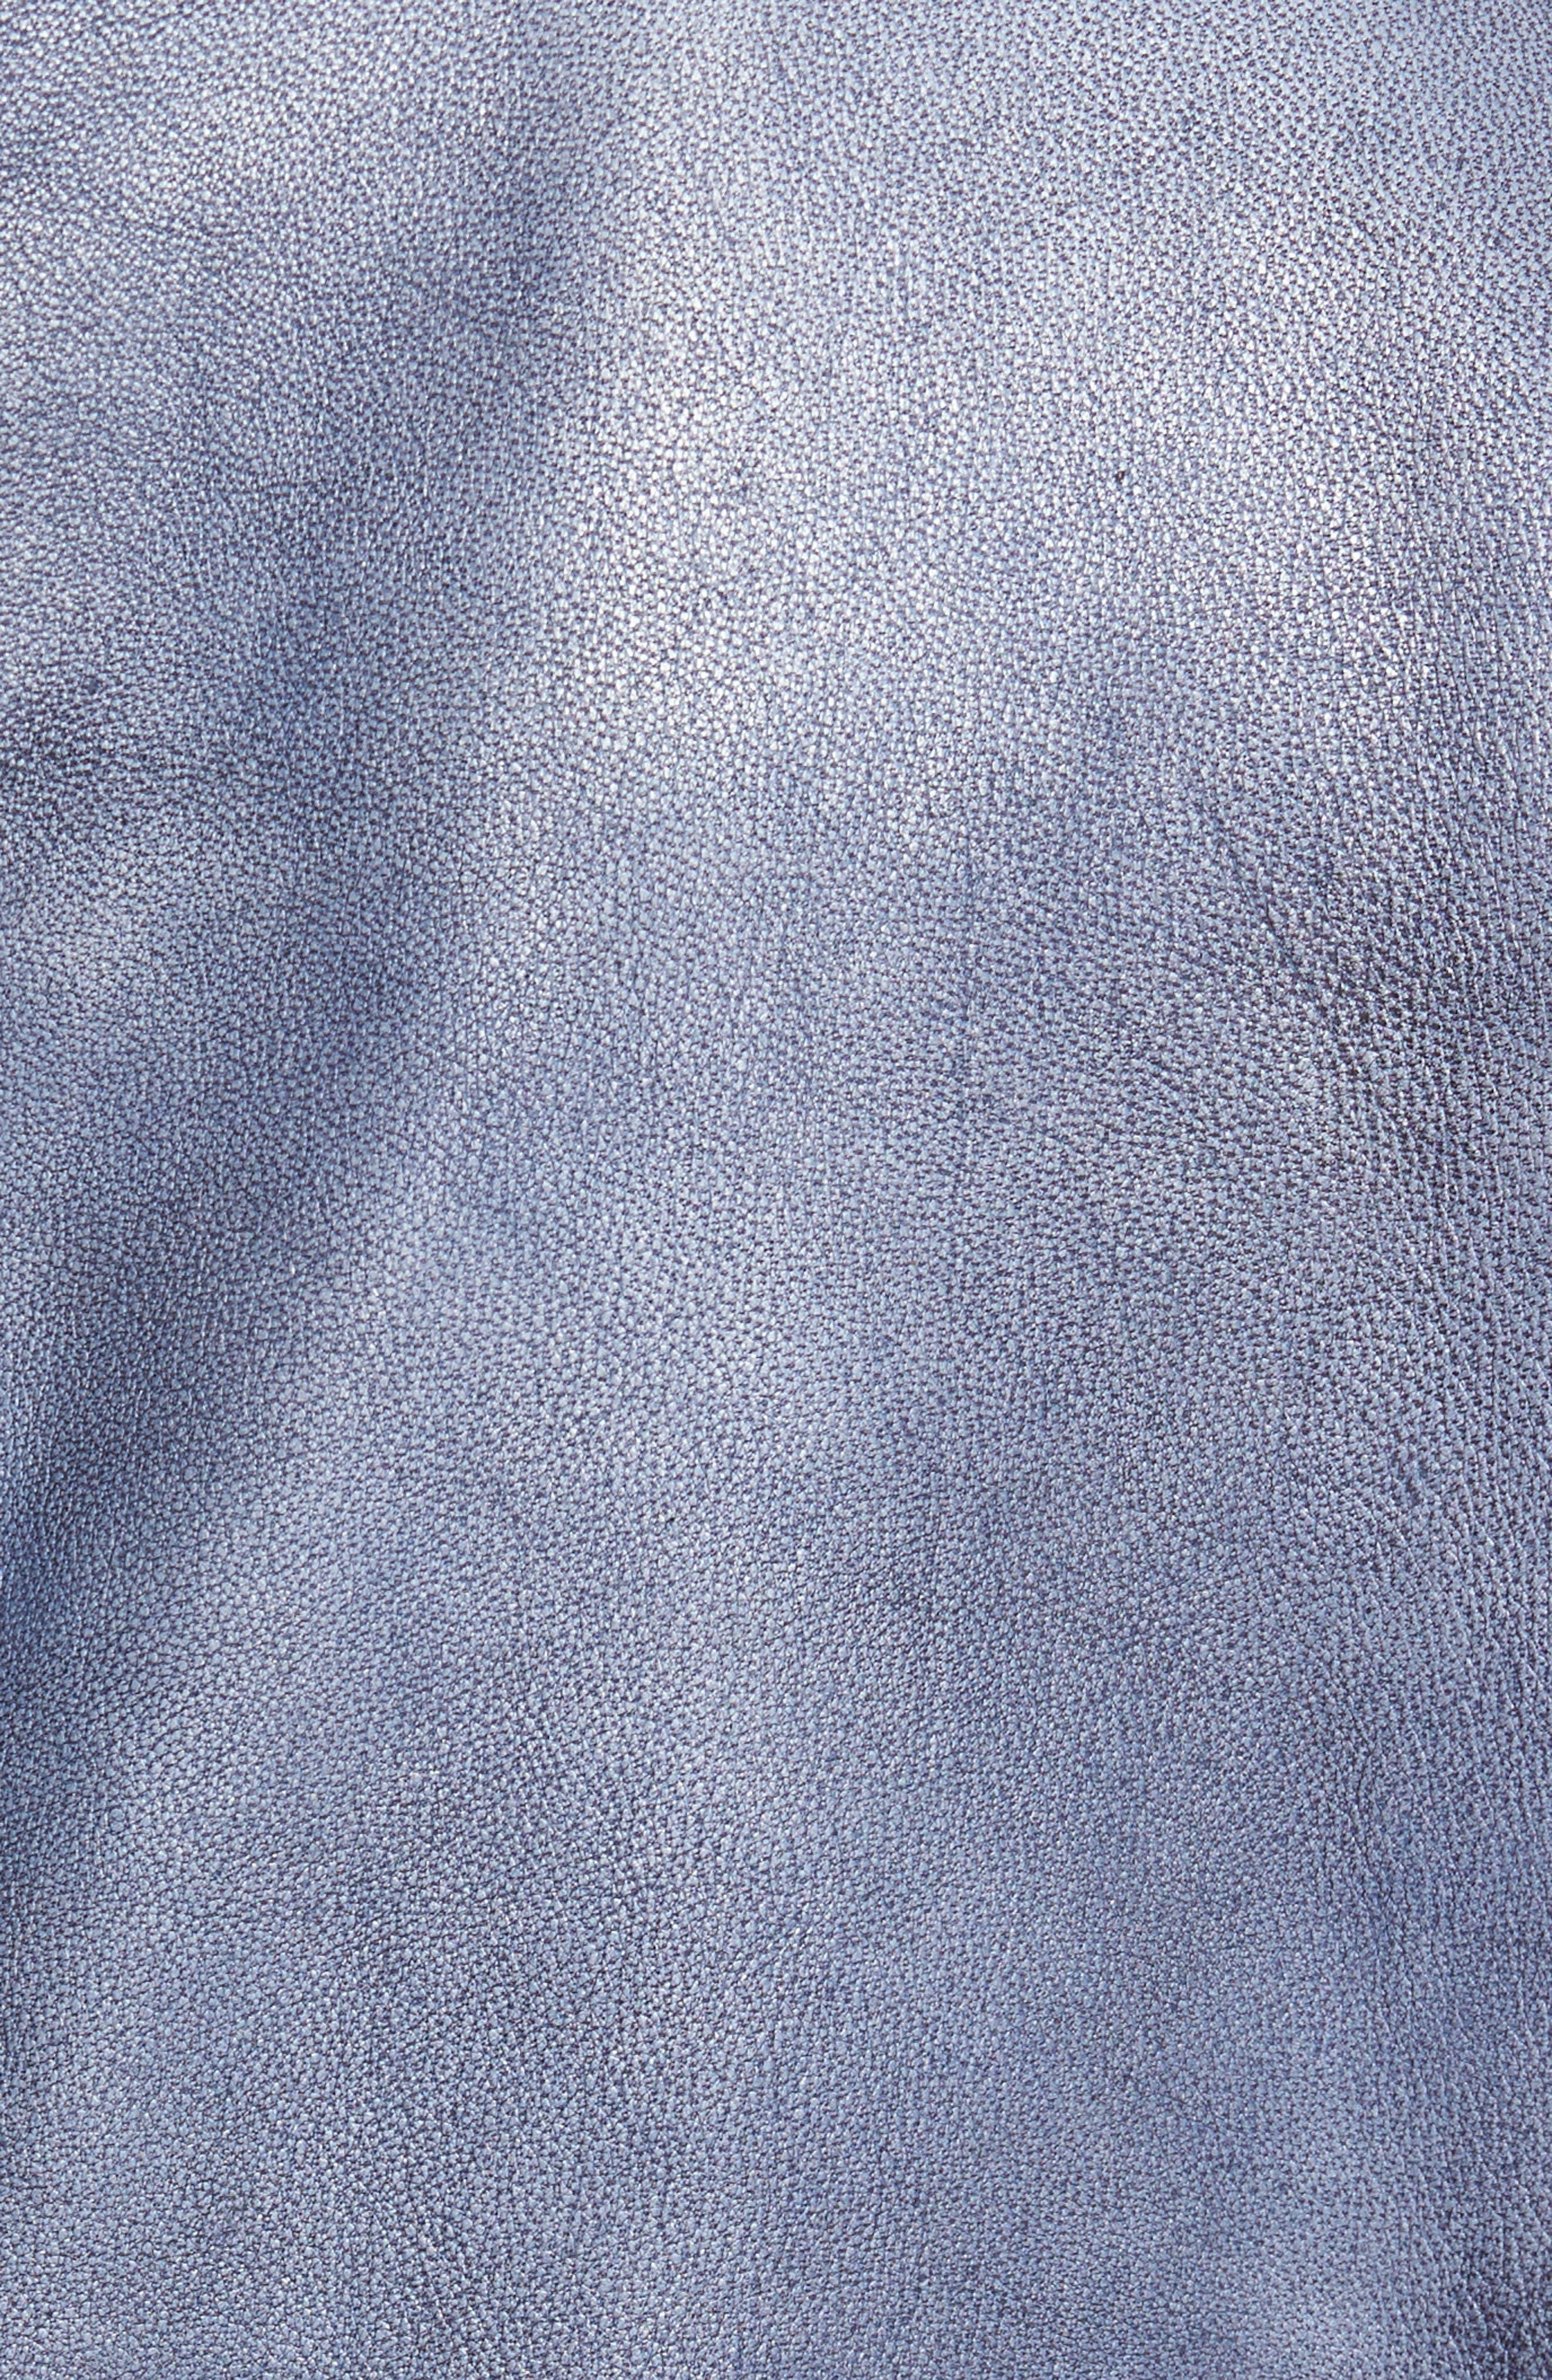 Alternate Image 5  - Missani Le Collezioni Abraded Washed Leather Jacket